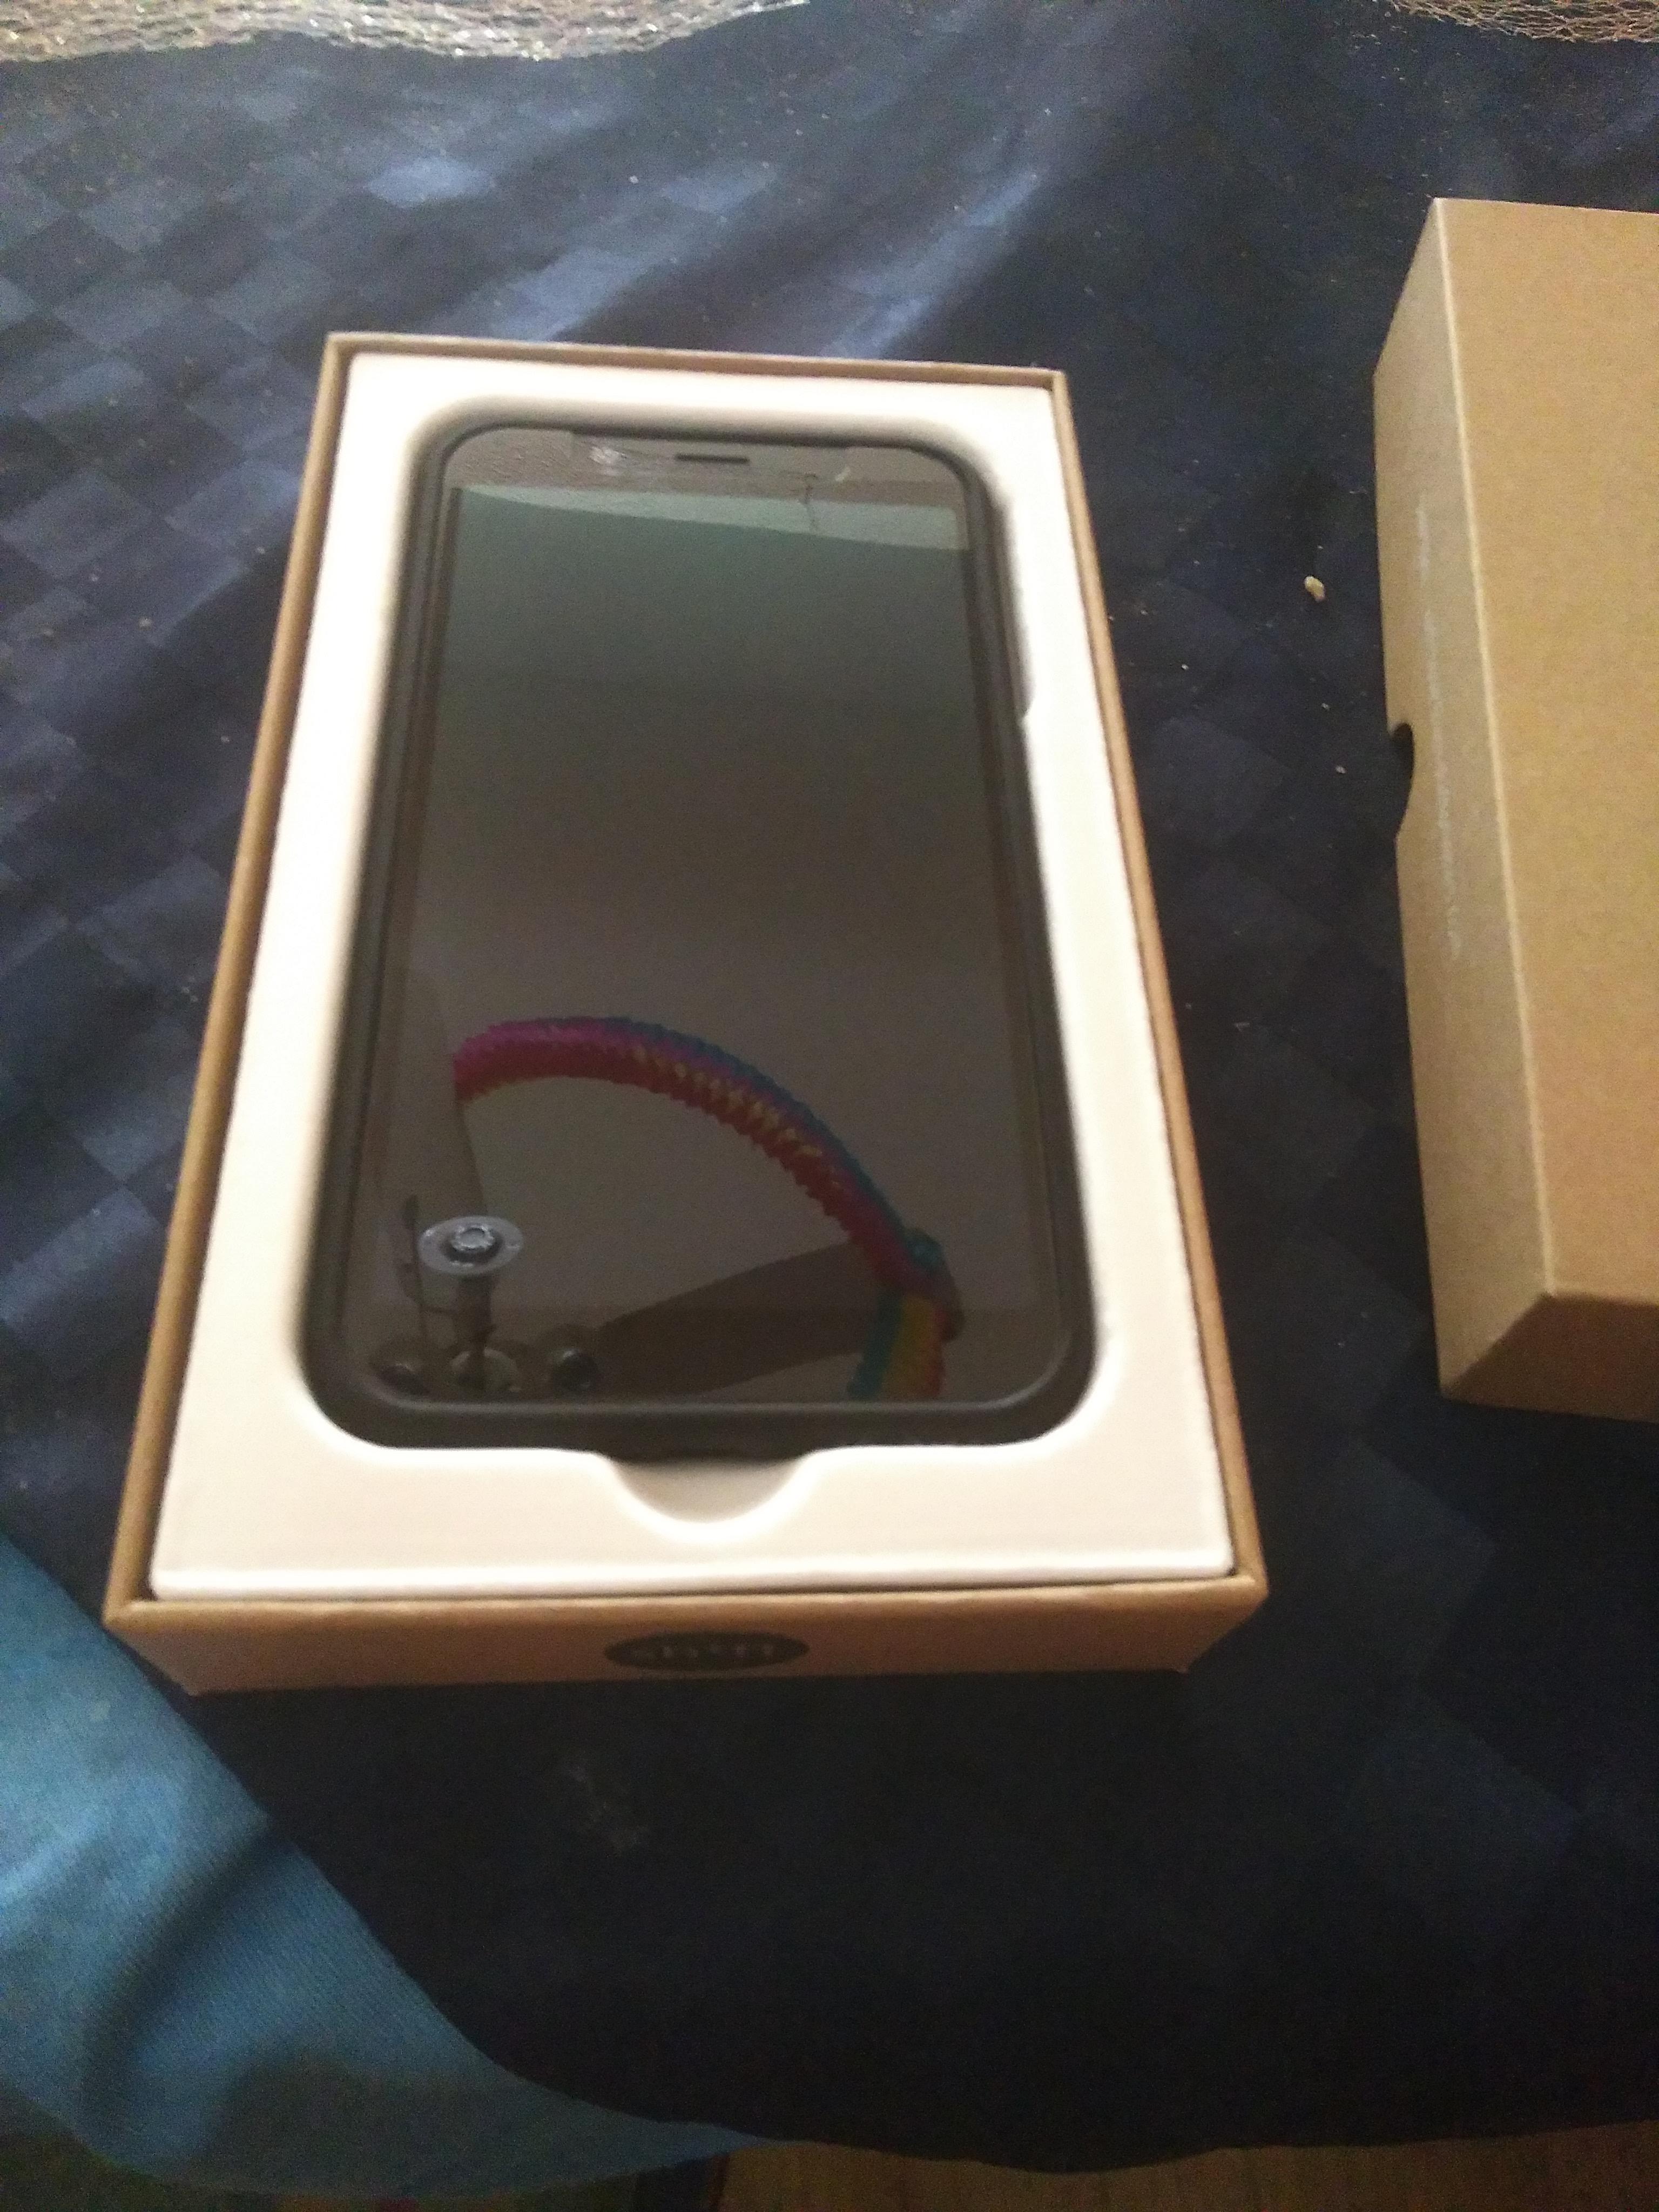 Shiftphone – unboxed und erste Nutzung